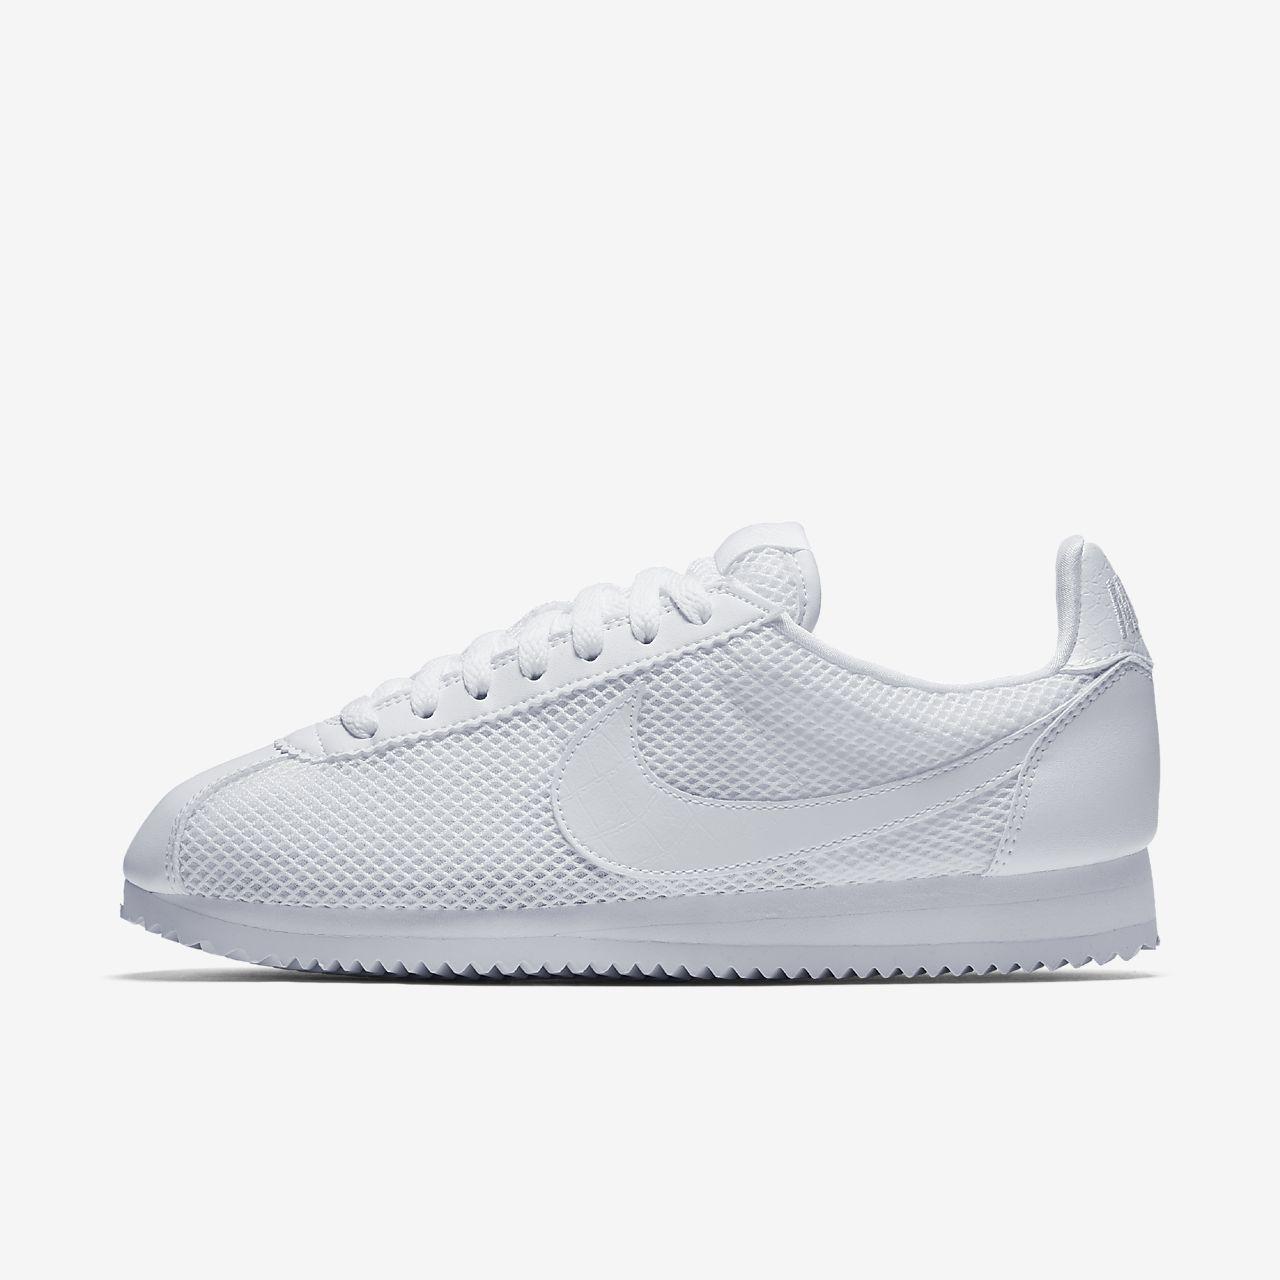 Classique Prem Nylon Cortez - Chaussures - Bas-tops Et Baskets Nike P3g4wIfjK